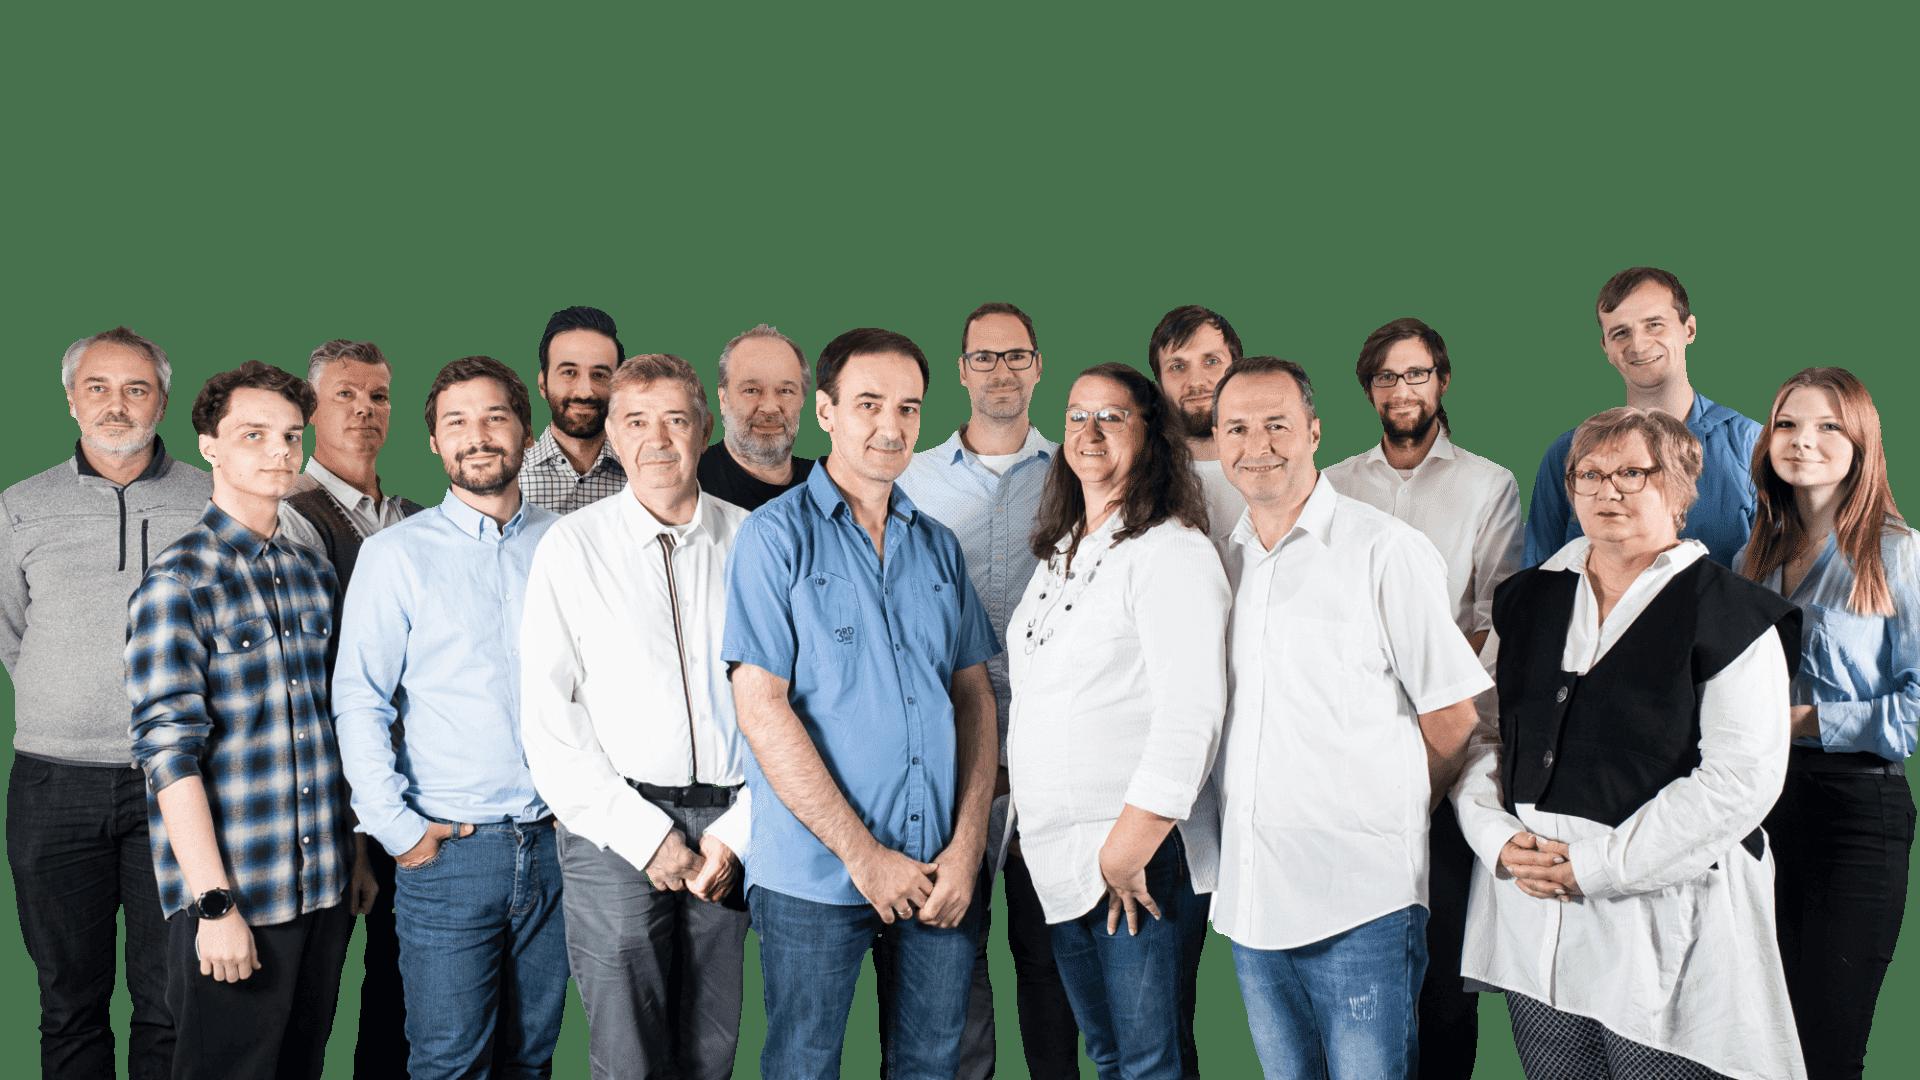 Teamfoto von Mitarbeitern der EMO Systems GmbH